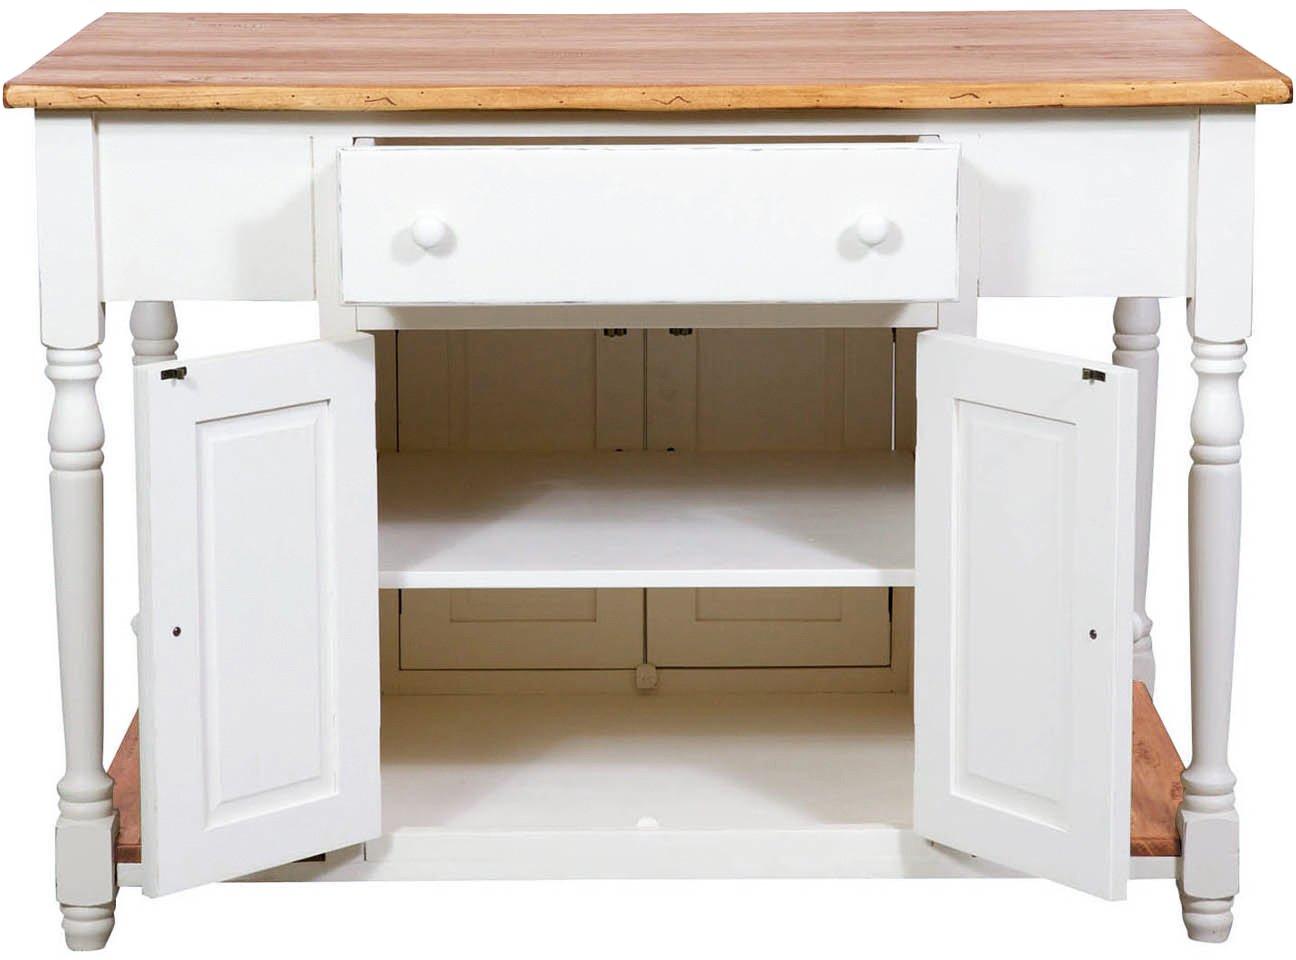 Kücheninsel 130x80x88 CM: Amazon.de: Küche & Haushalt